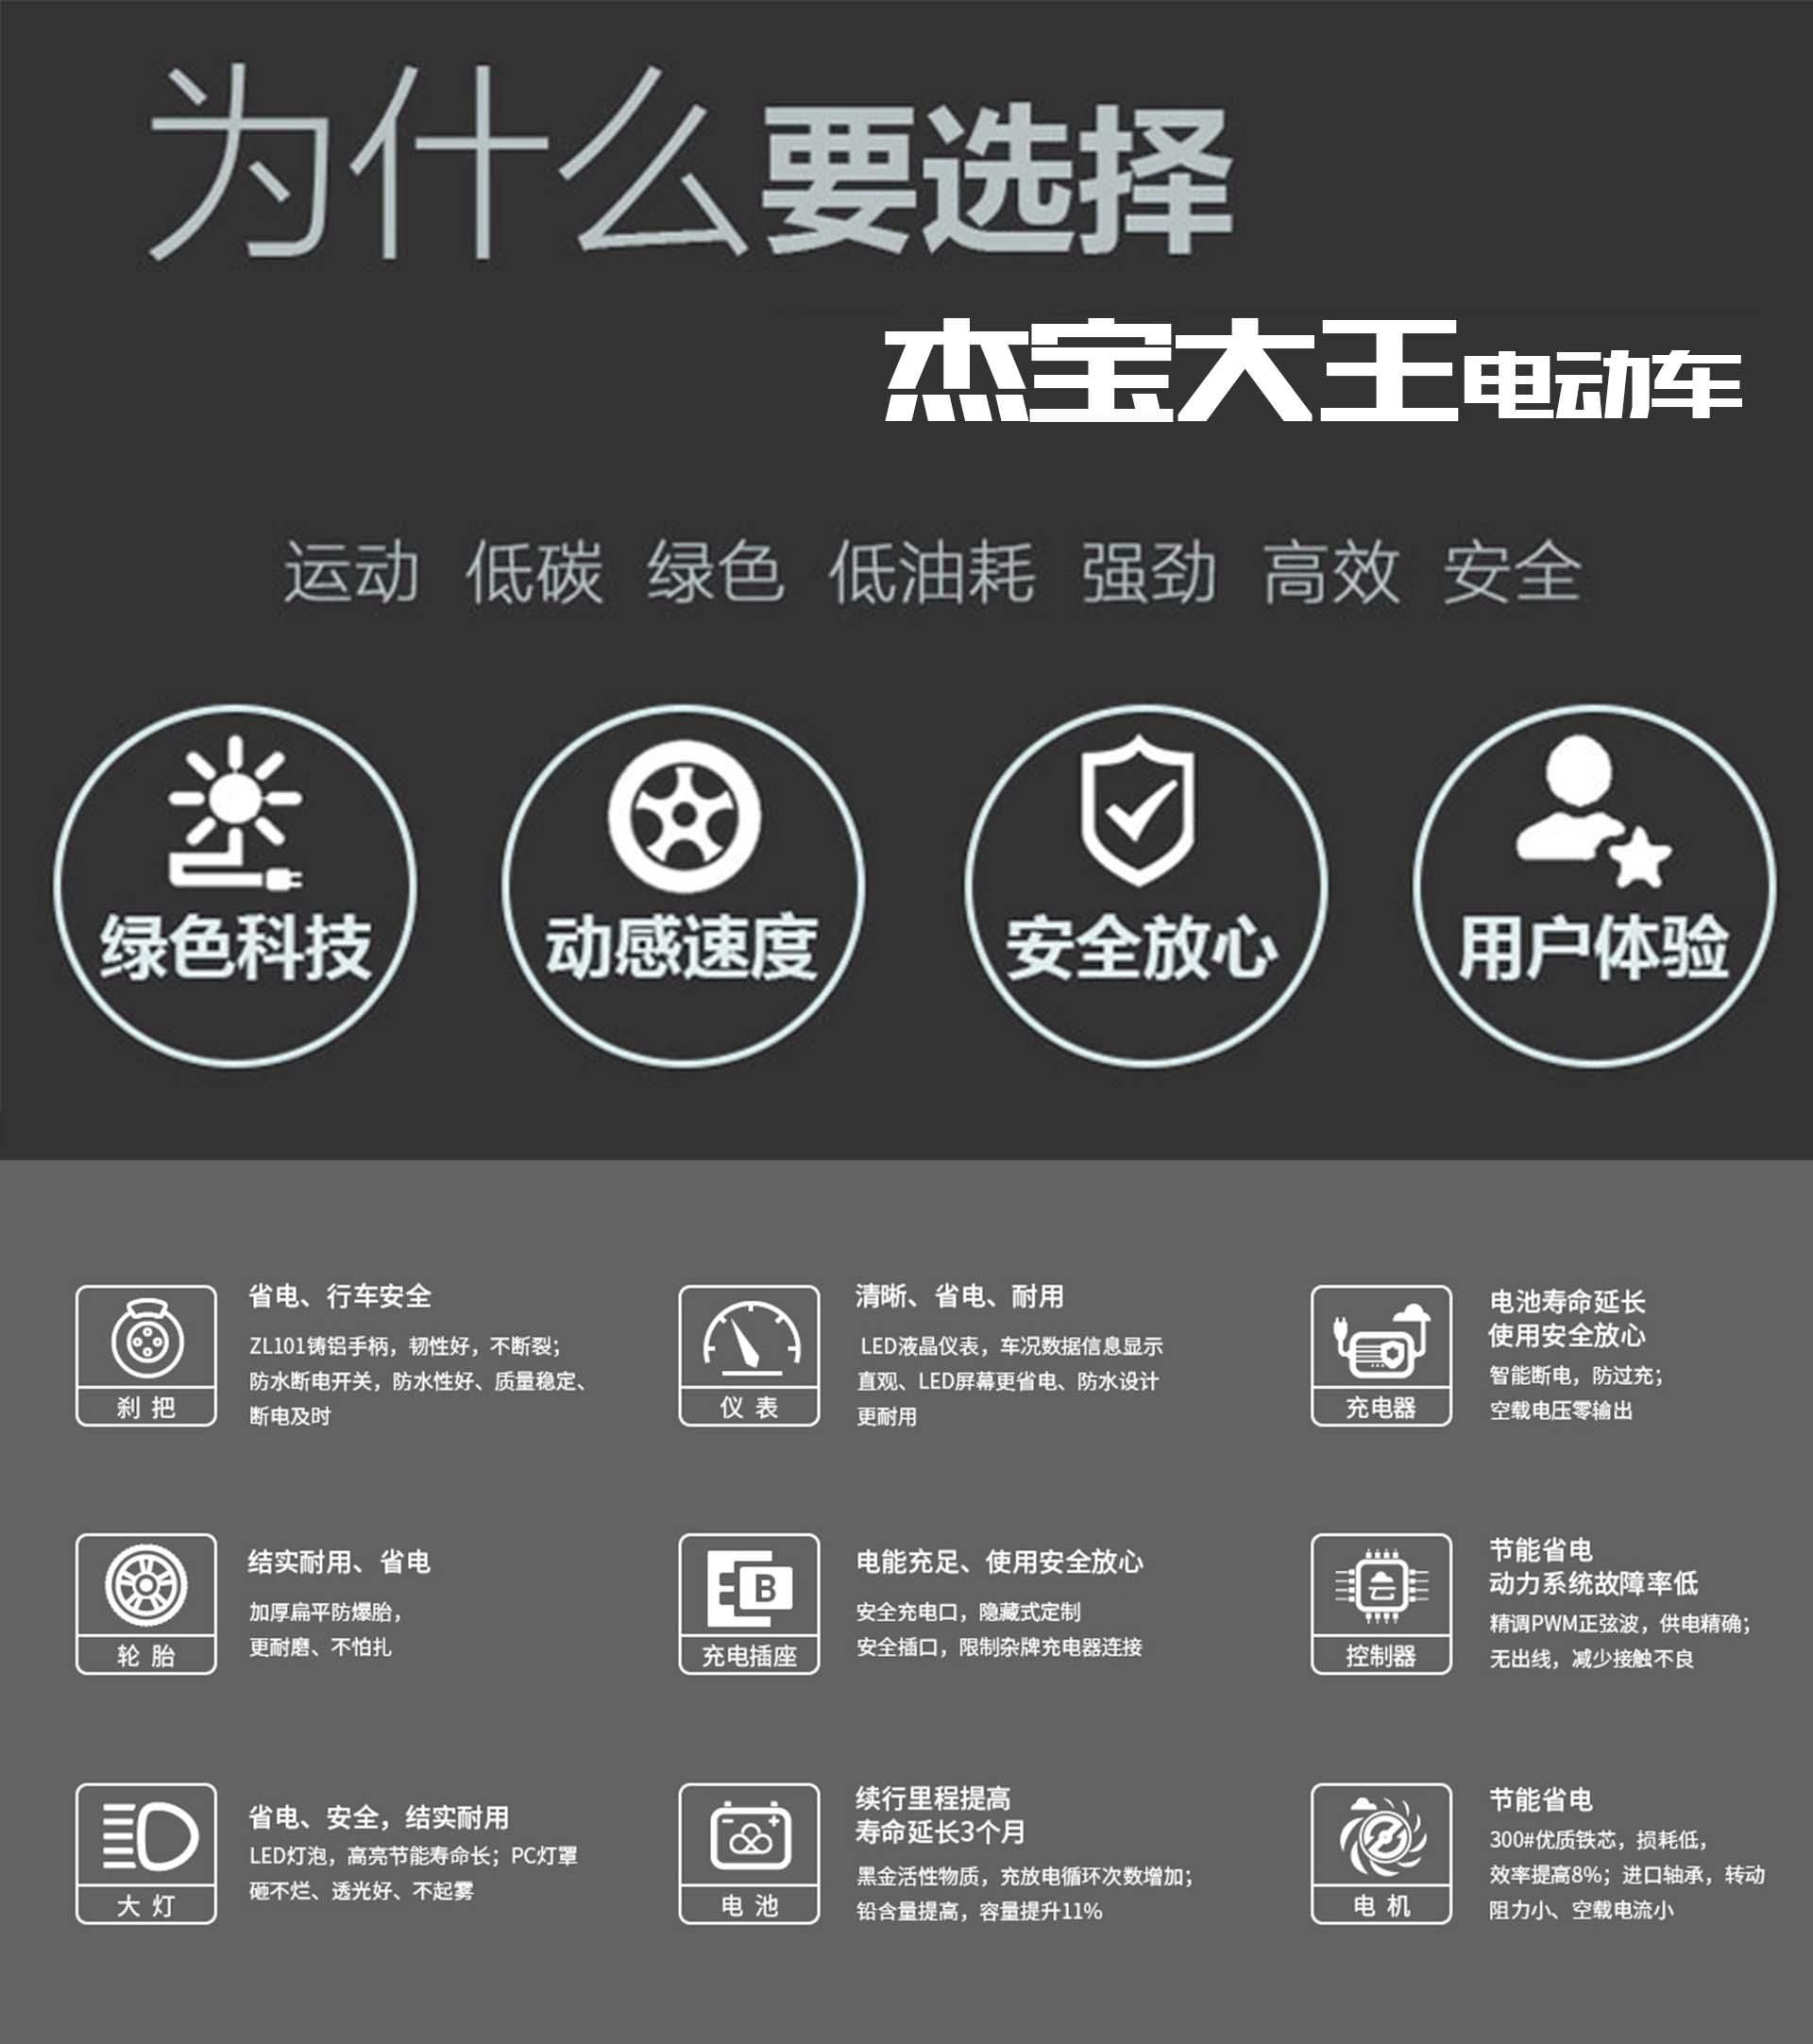 徐州杰宝大王电动车直销 信息推荐「无锡杰宝大王电动车供应」